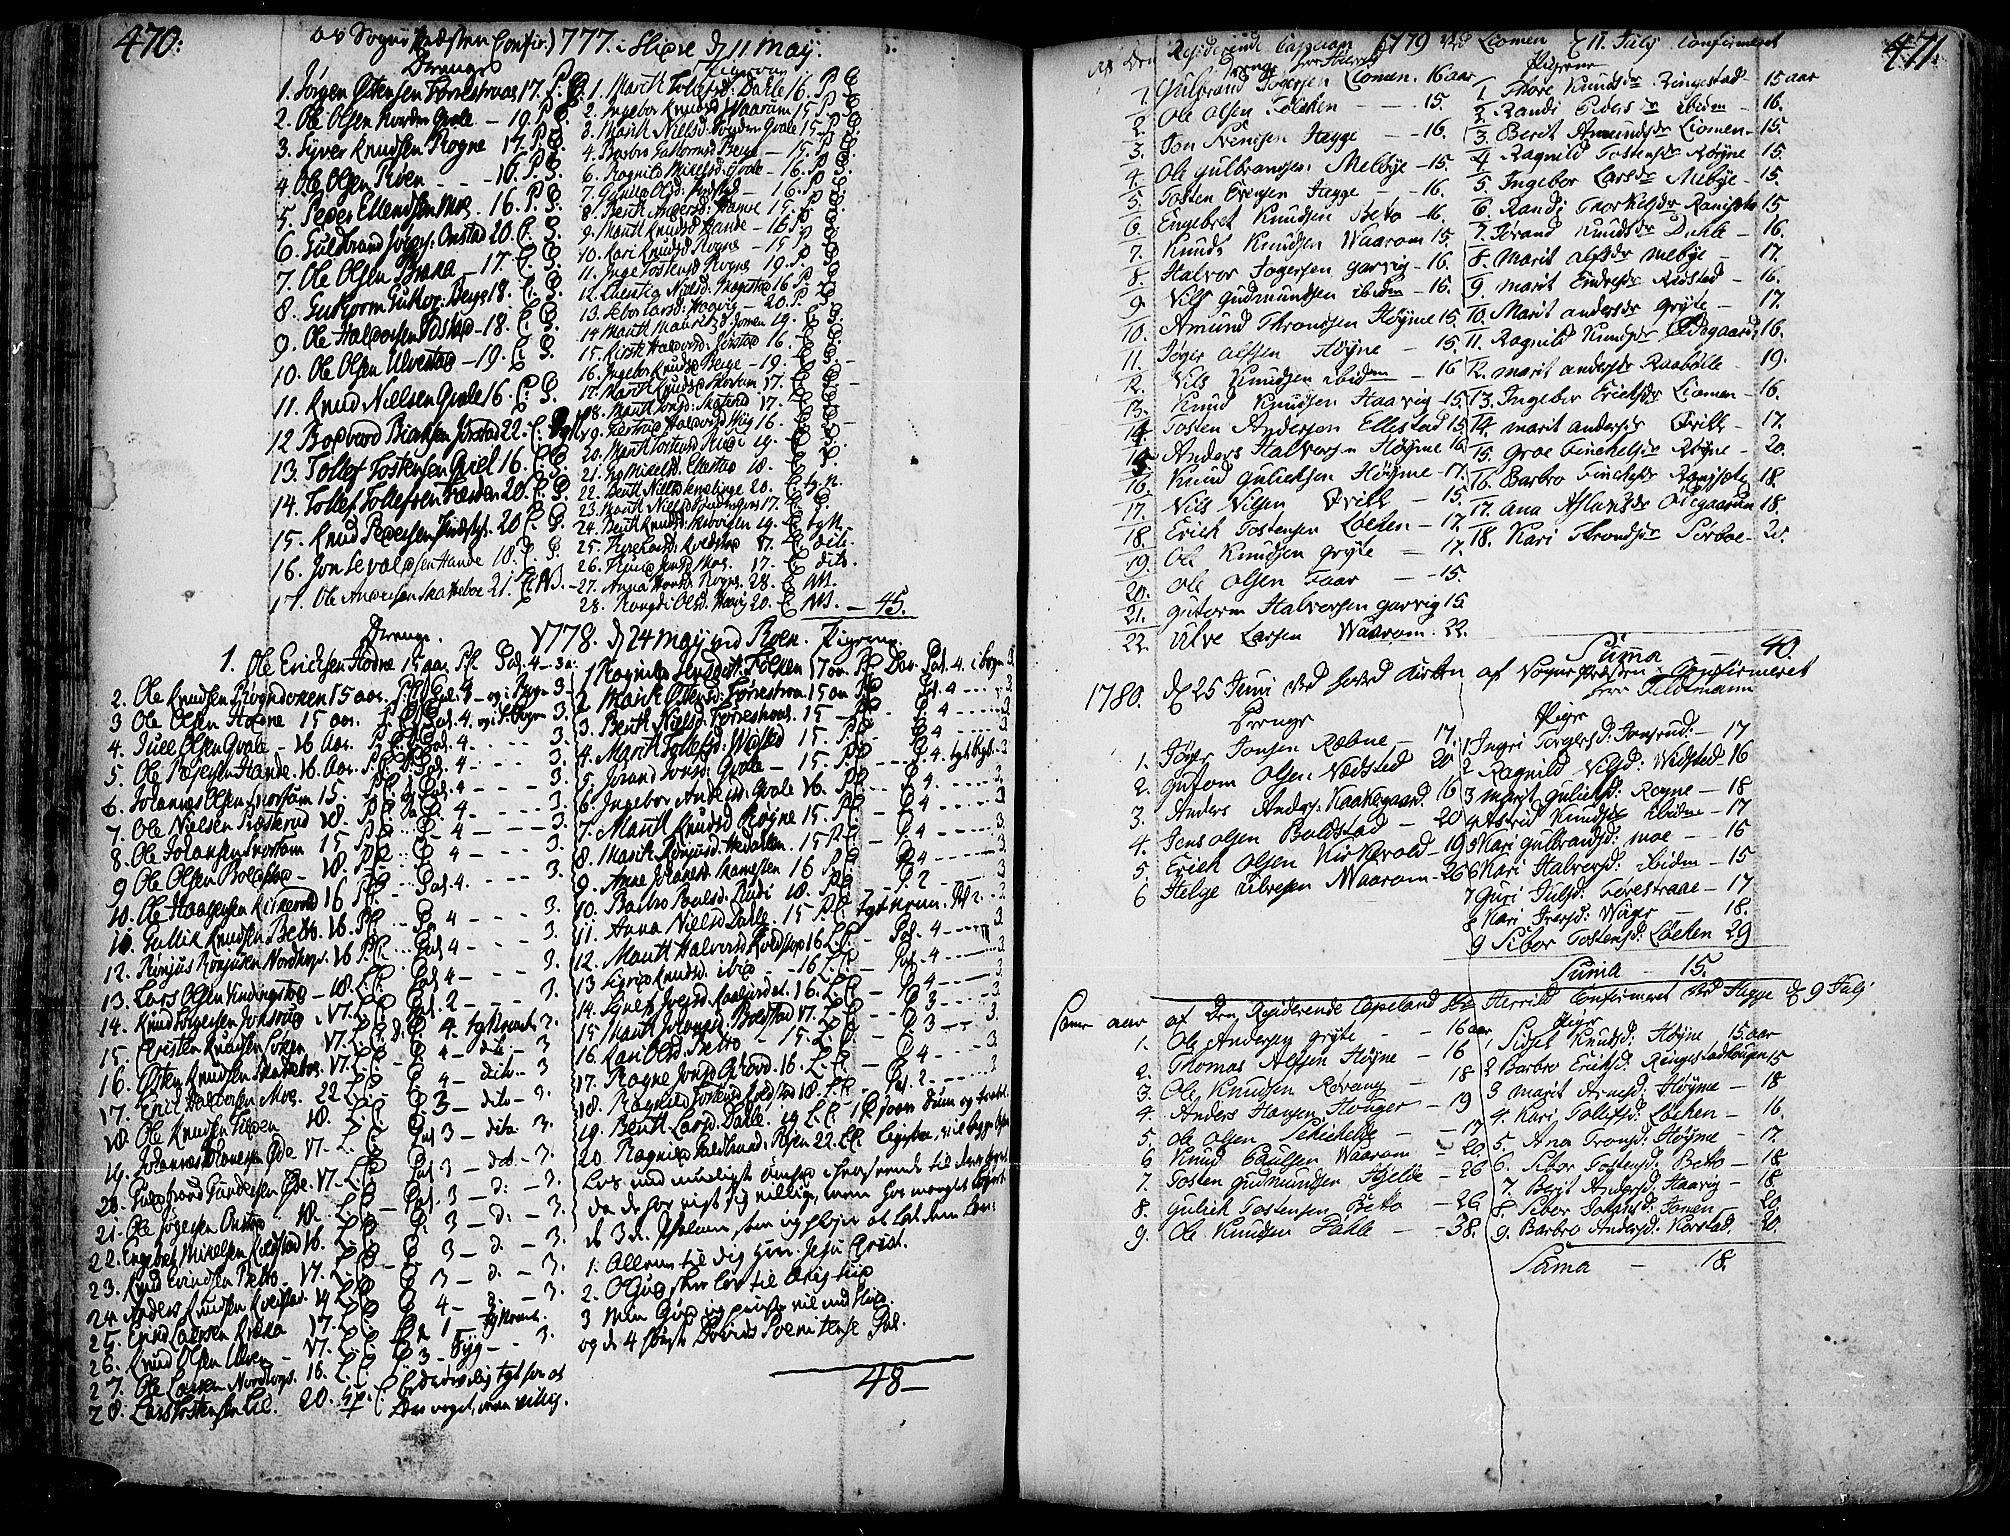 SAH, Slidre prestekontor, Ministerialbok nr. 1, 1724-1814, s. 470-471